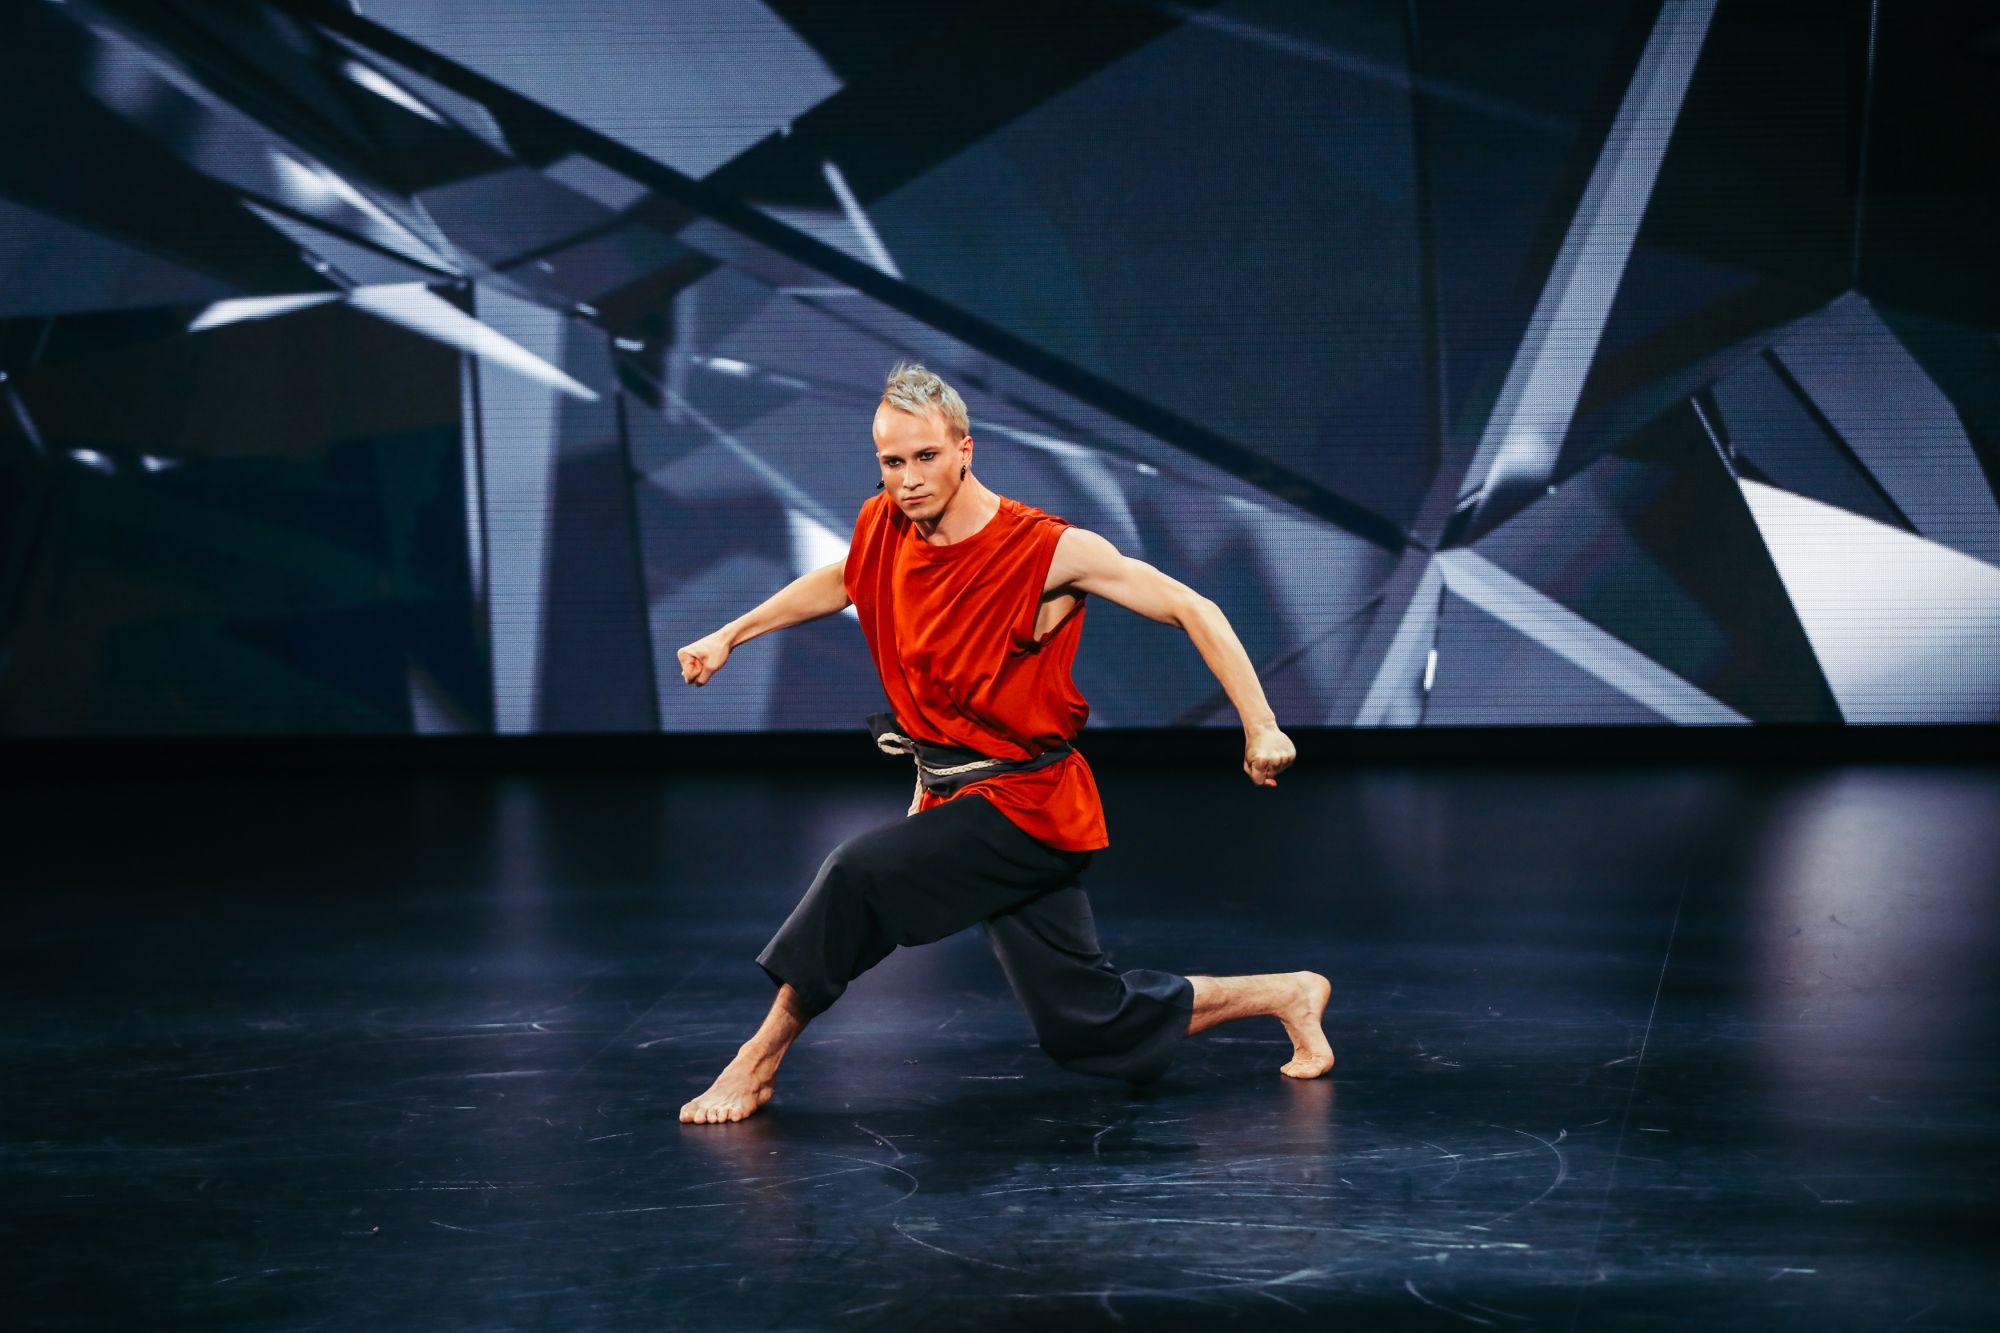 Кастинг шоу «ТАНЦЫ» в Санкт-Петербурге: балет против хип-хопа и высоких каблуков